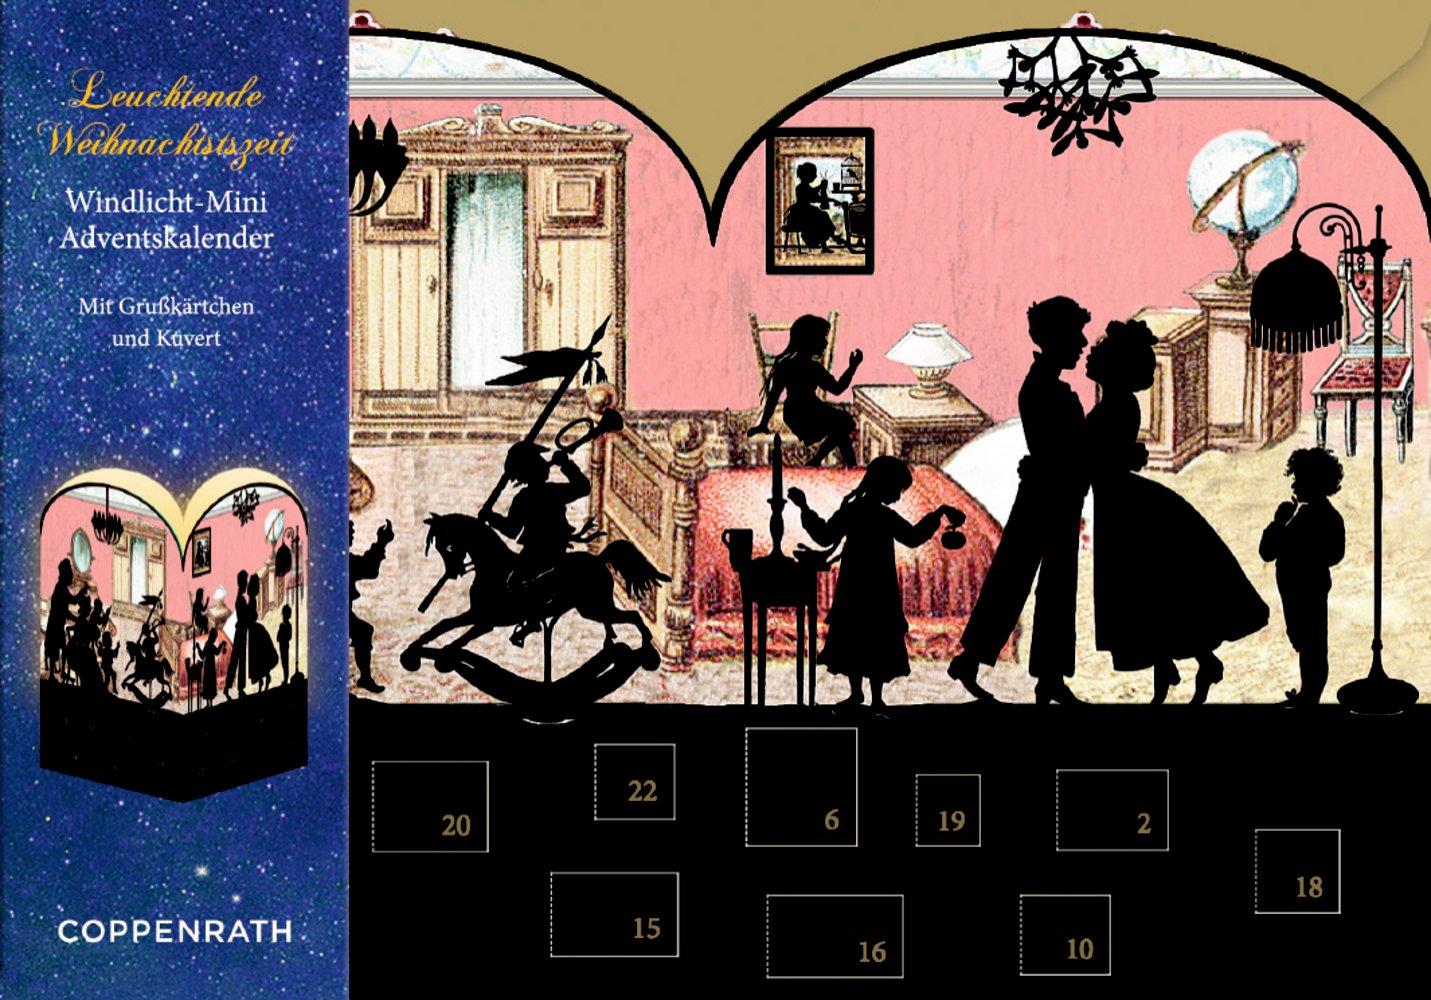 Oktober 2016 Barbara Behr Coppenrath B019BWT4YU Weihnachten Nostalgische Scherenschnitte: 4 Motive x 6 Ex Kalender – 26 Windlicht-Mini-Adventskalender-Sortiment